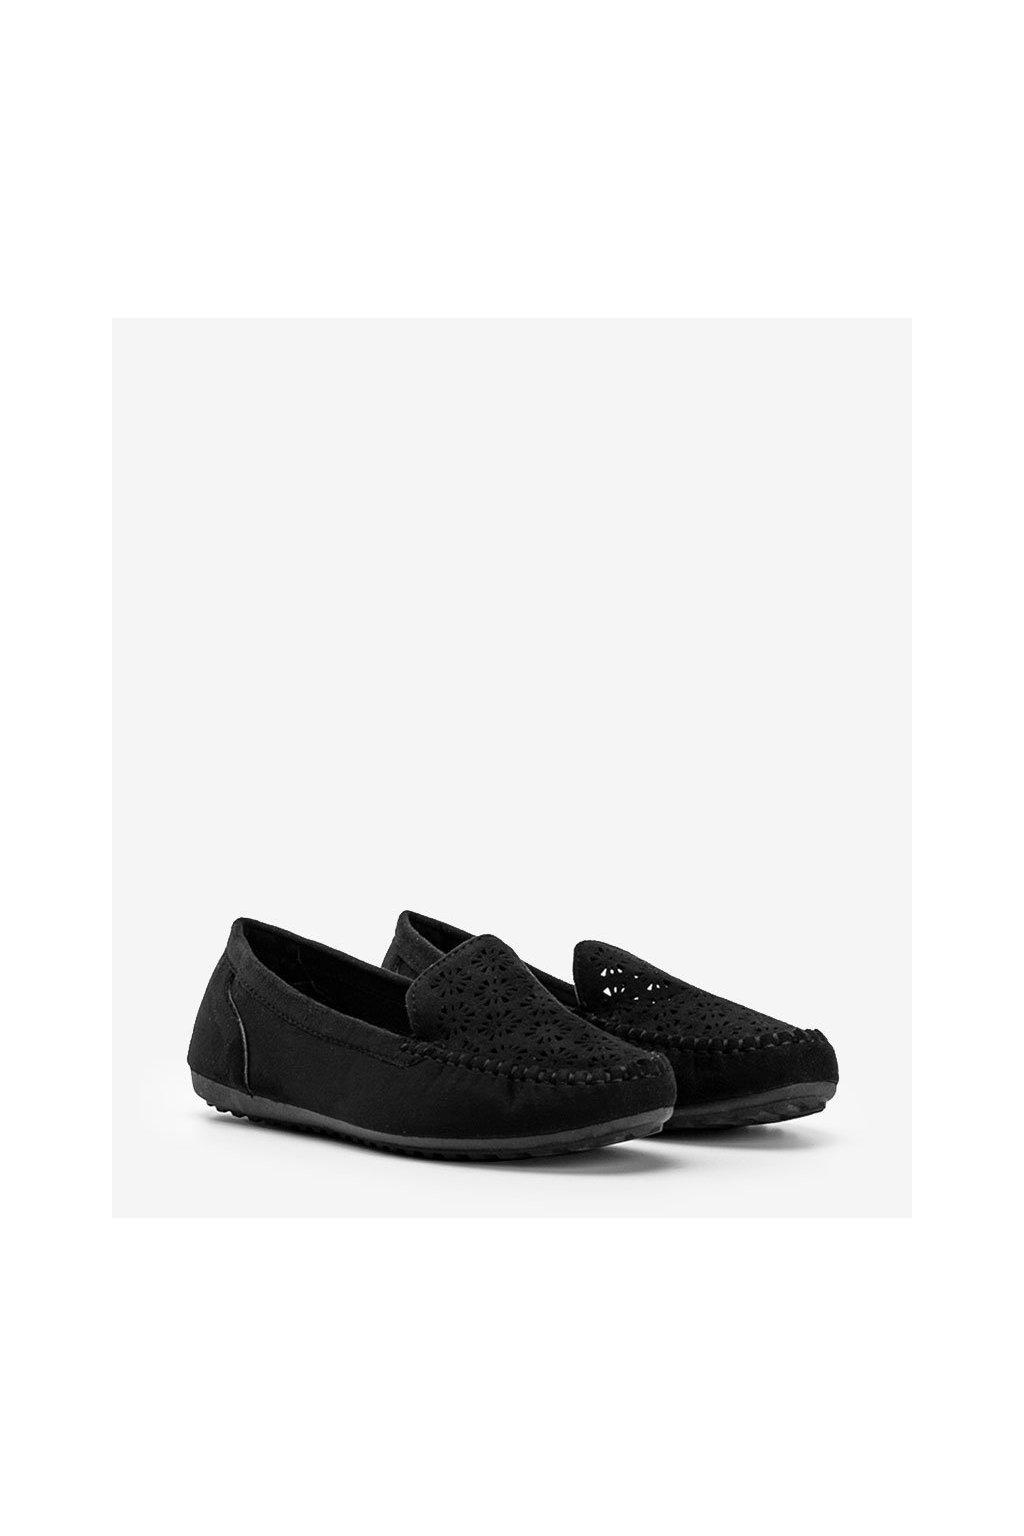 Dámske topánky mokasíny čierne kód 195-13 - GM